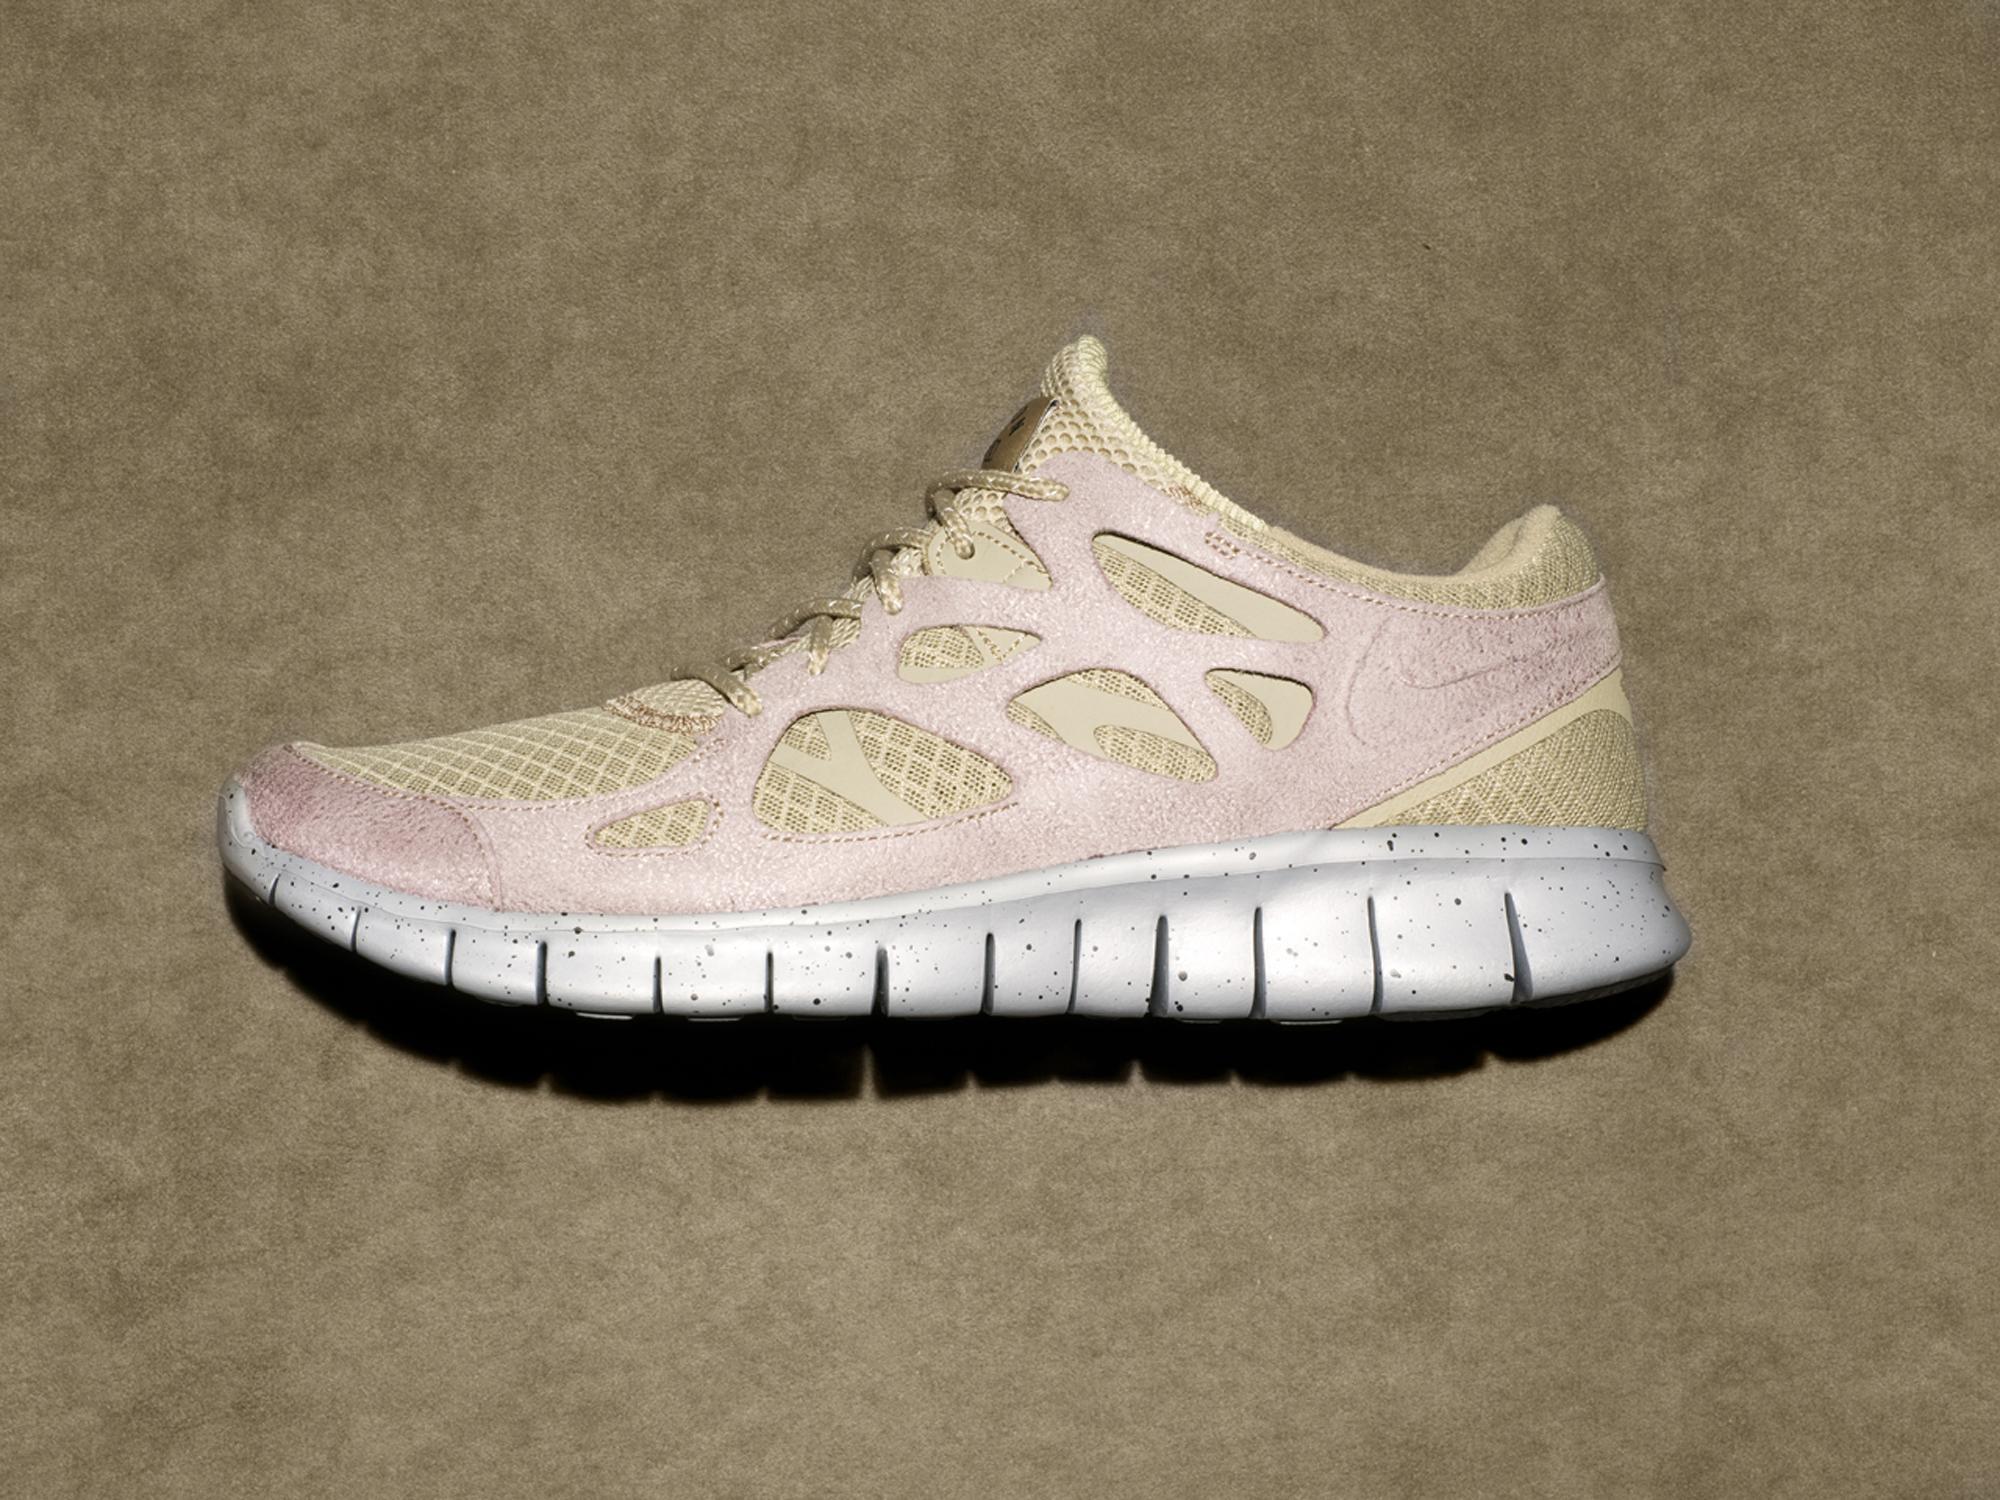 Buy Cheap Online Nike Air Jordan 11 Low Red Viper Customs